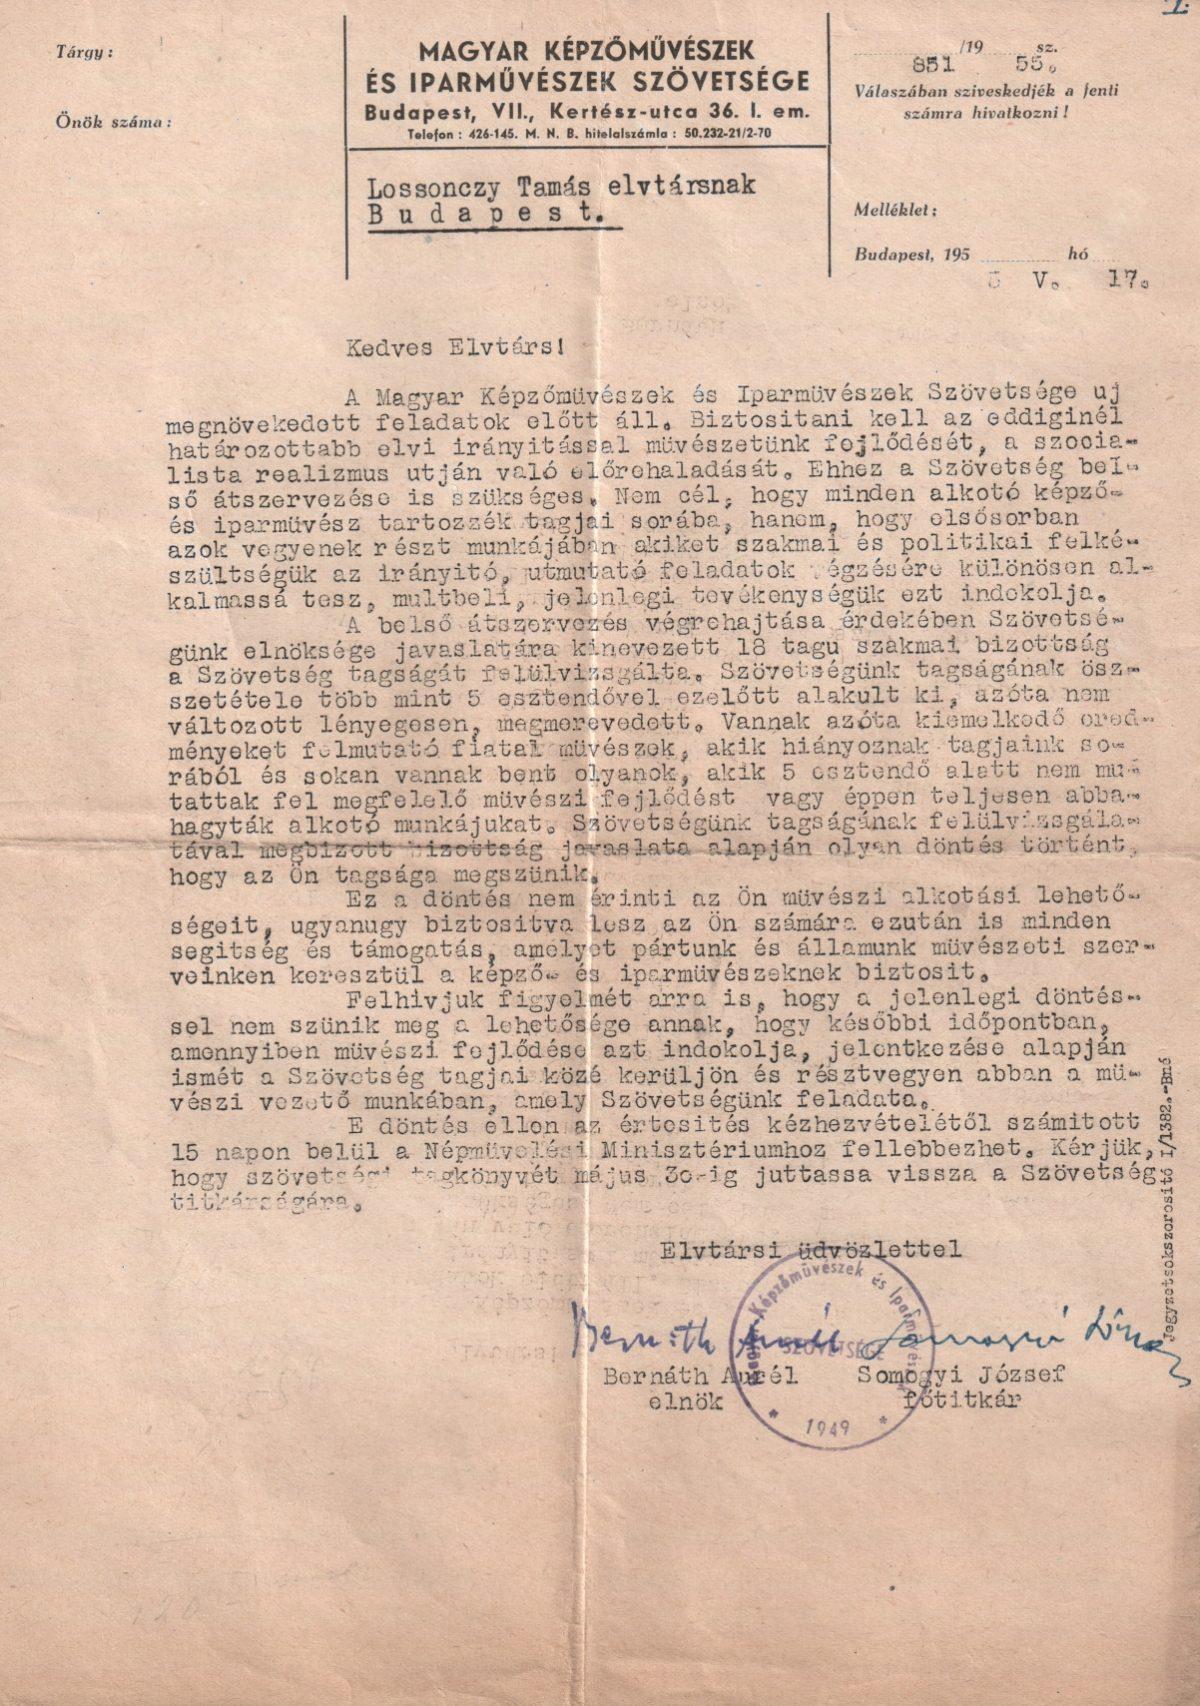 1955-05-17 Magyar Képzőművészek és Iparművészek Szövetsége, Értesítés a tagság megszünéséről